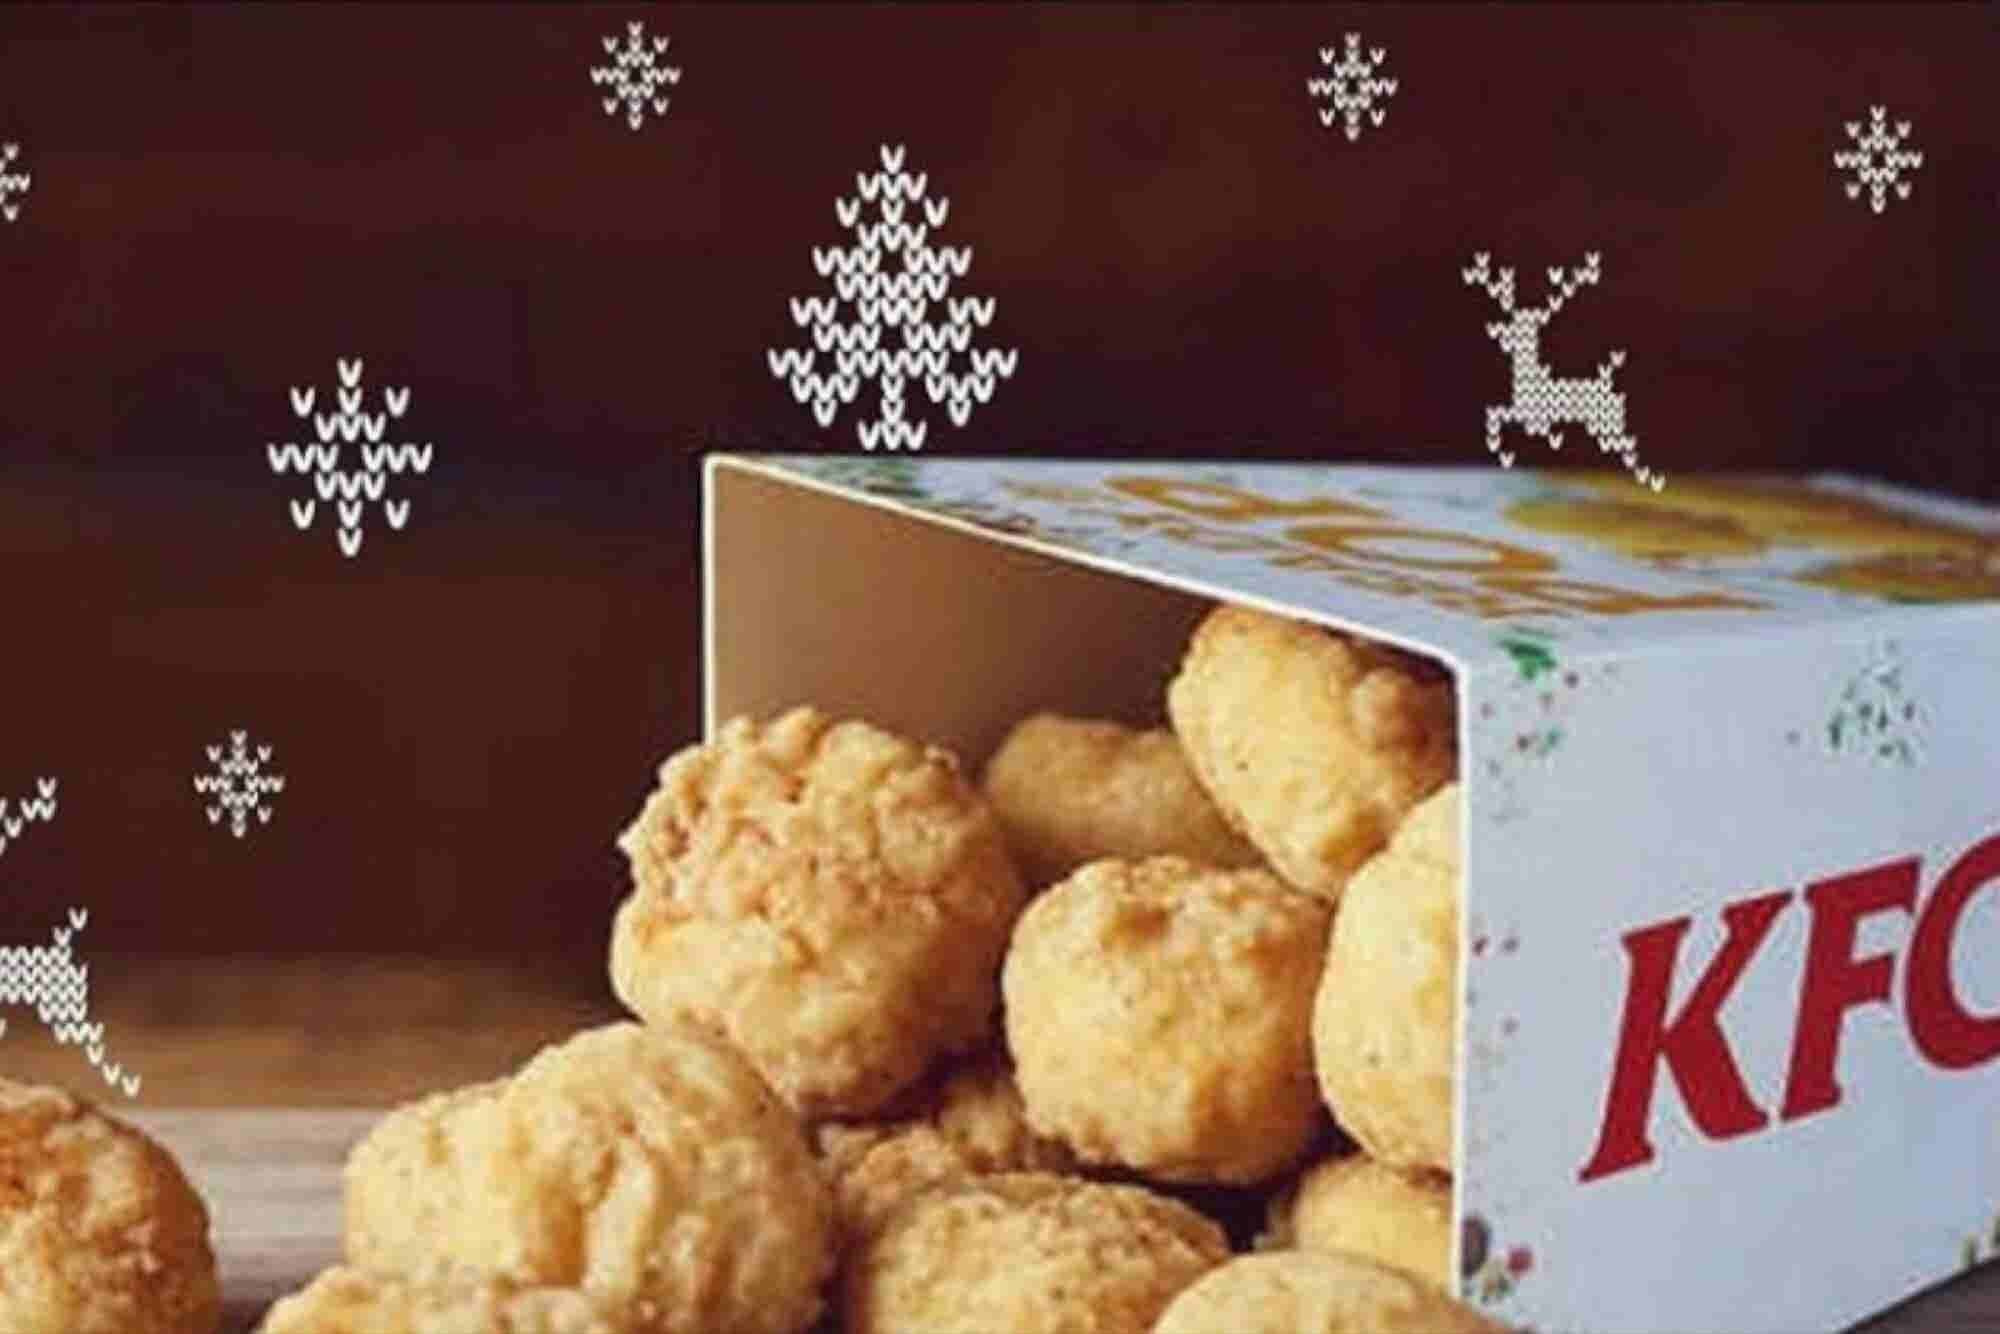 La divertida y rara estrategia de KFC para que disfrutes la Navidad en familia